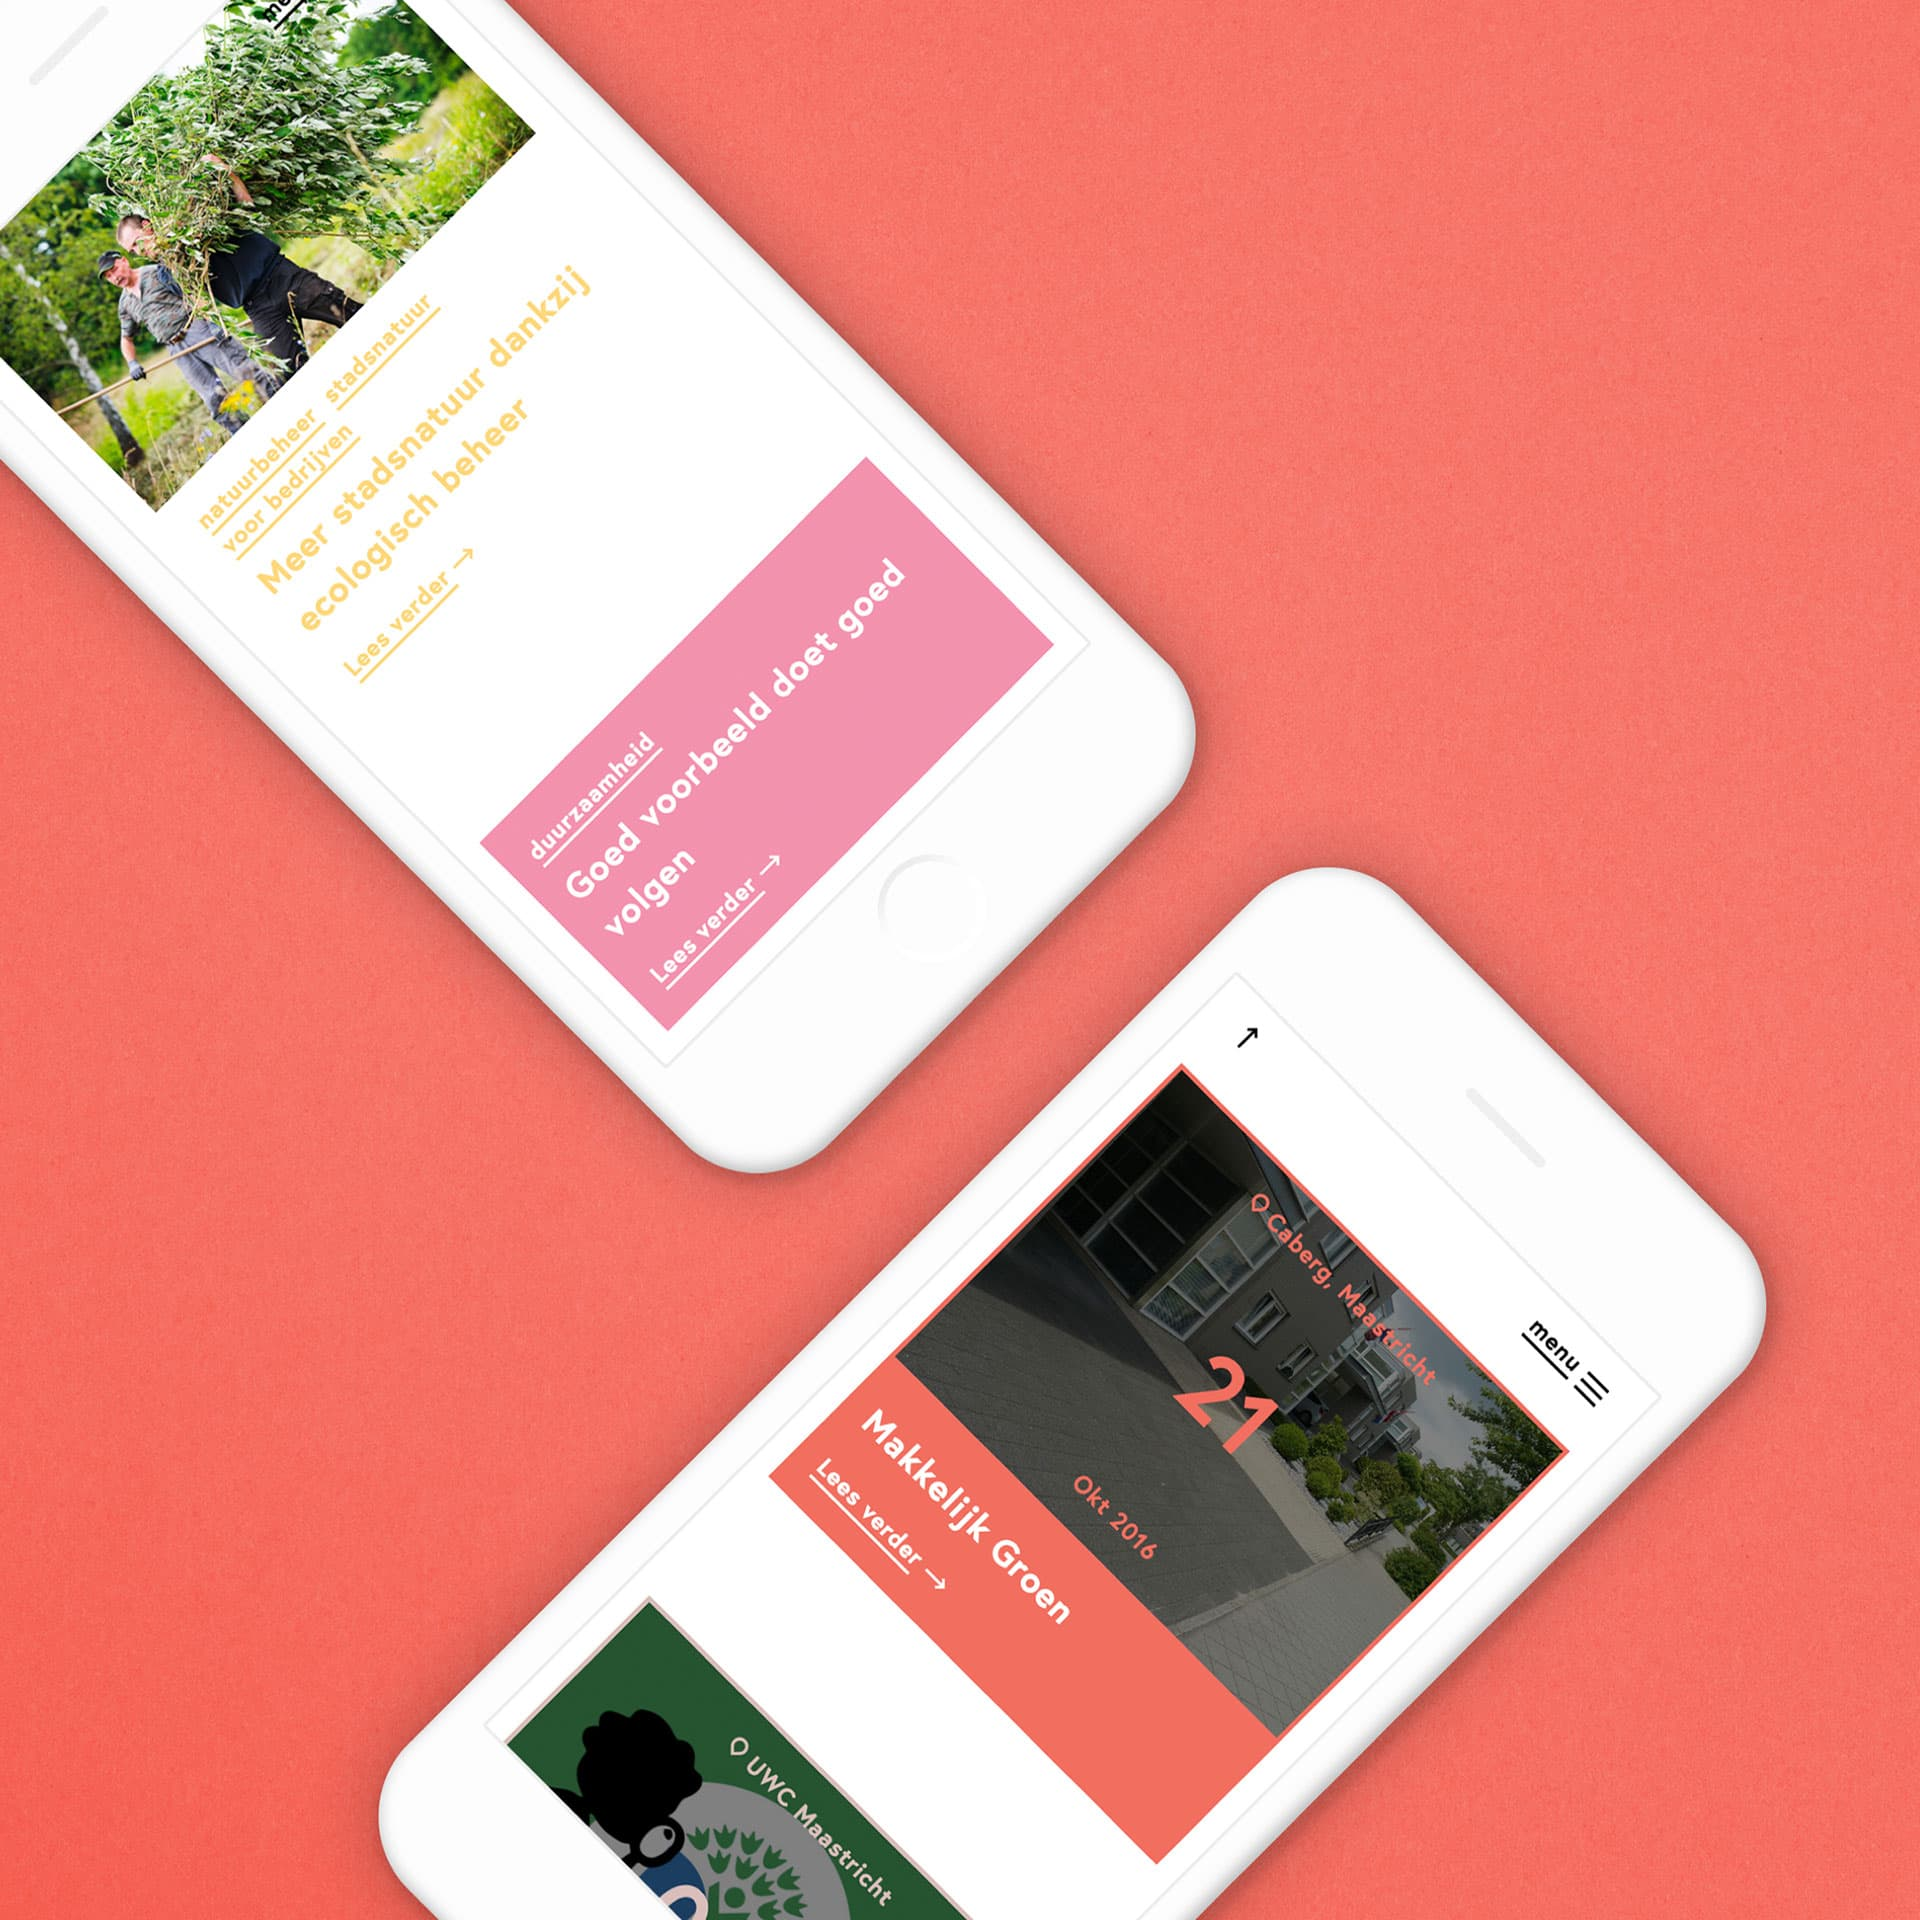 CNME Maastricht en regio Centrum voor Natuur- en Milieueducatie website ontworpen door Saus